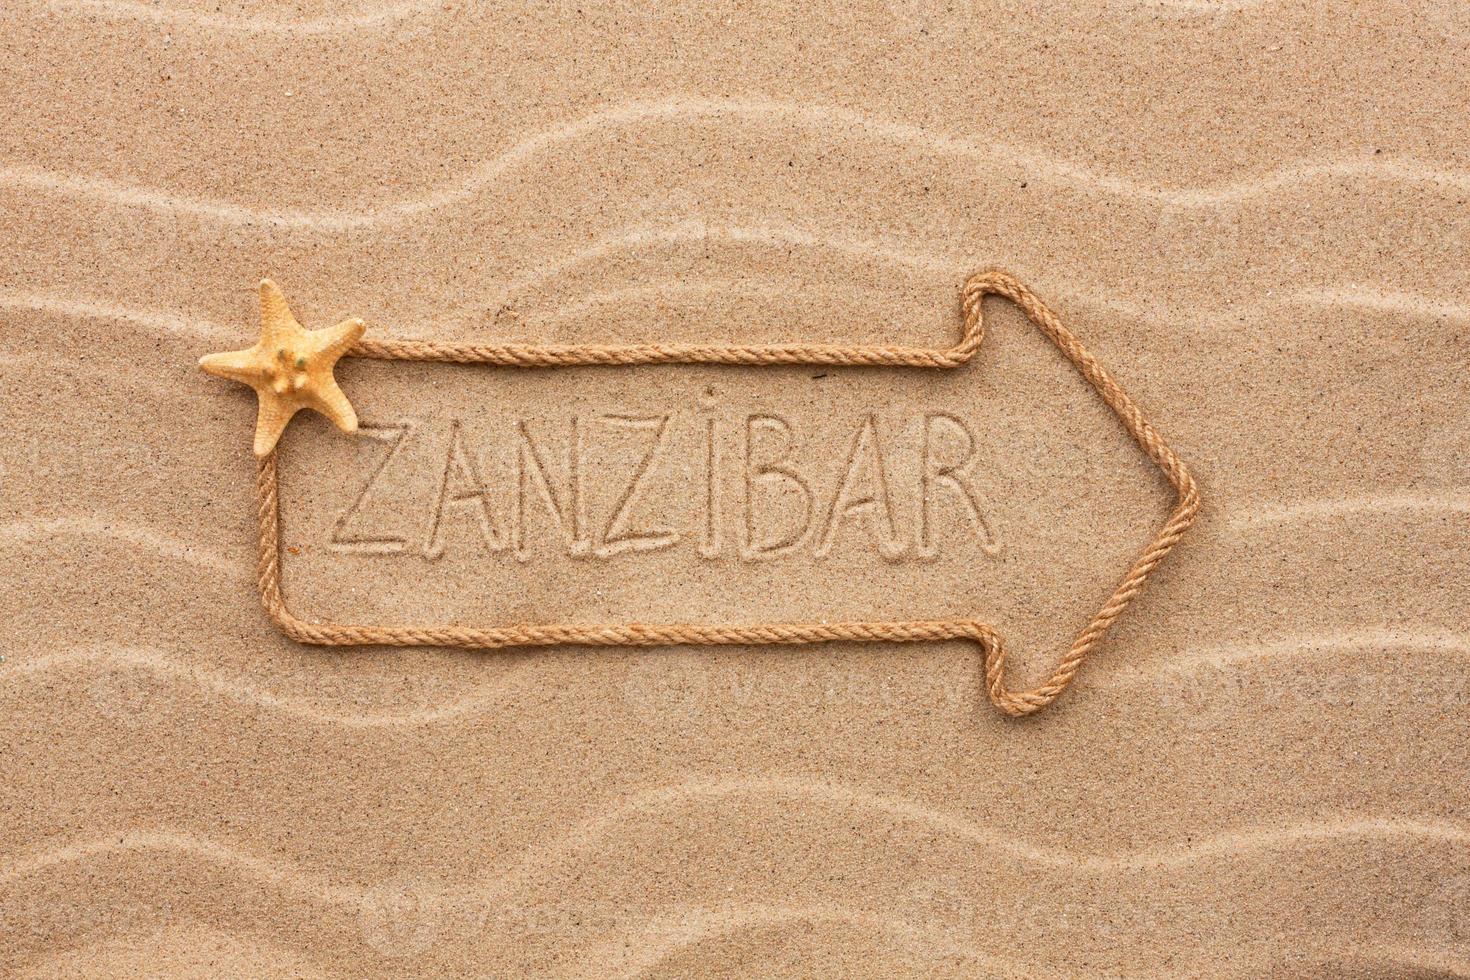 pijl gemaakt van touw met het woord zanzibar foto